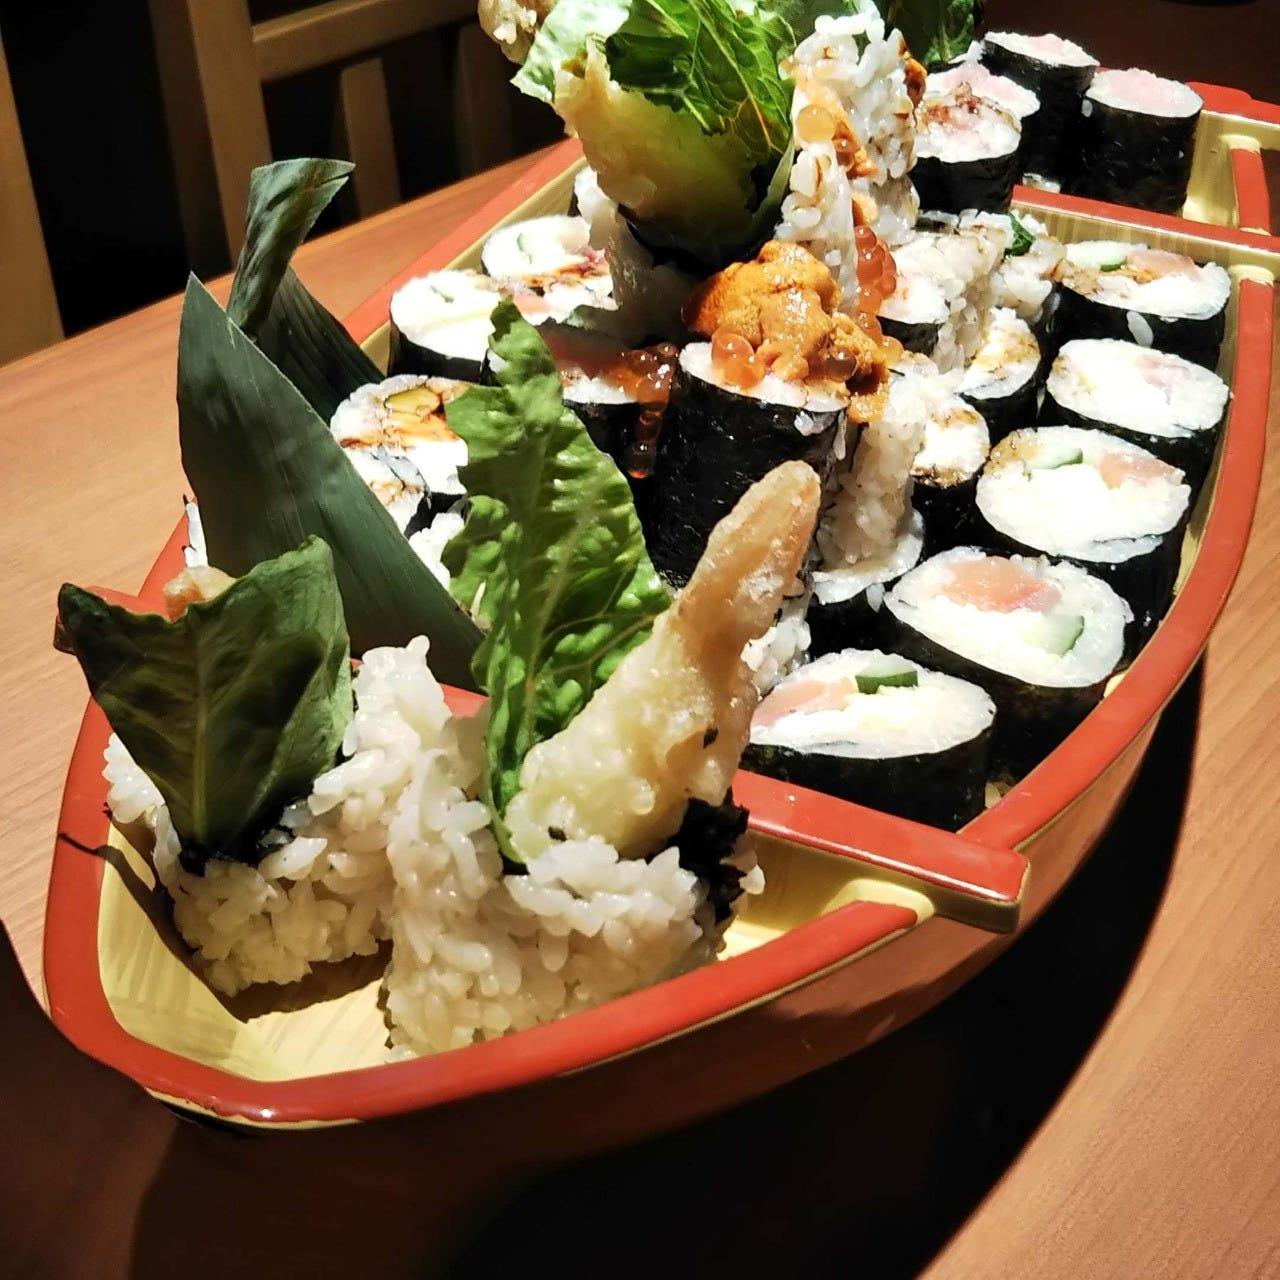 宴席に華を添える!豪華!寿司盛り宝船4000円⇒3000円(1台)